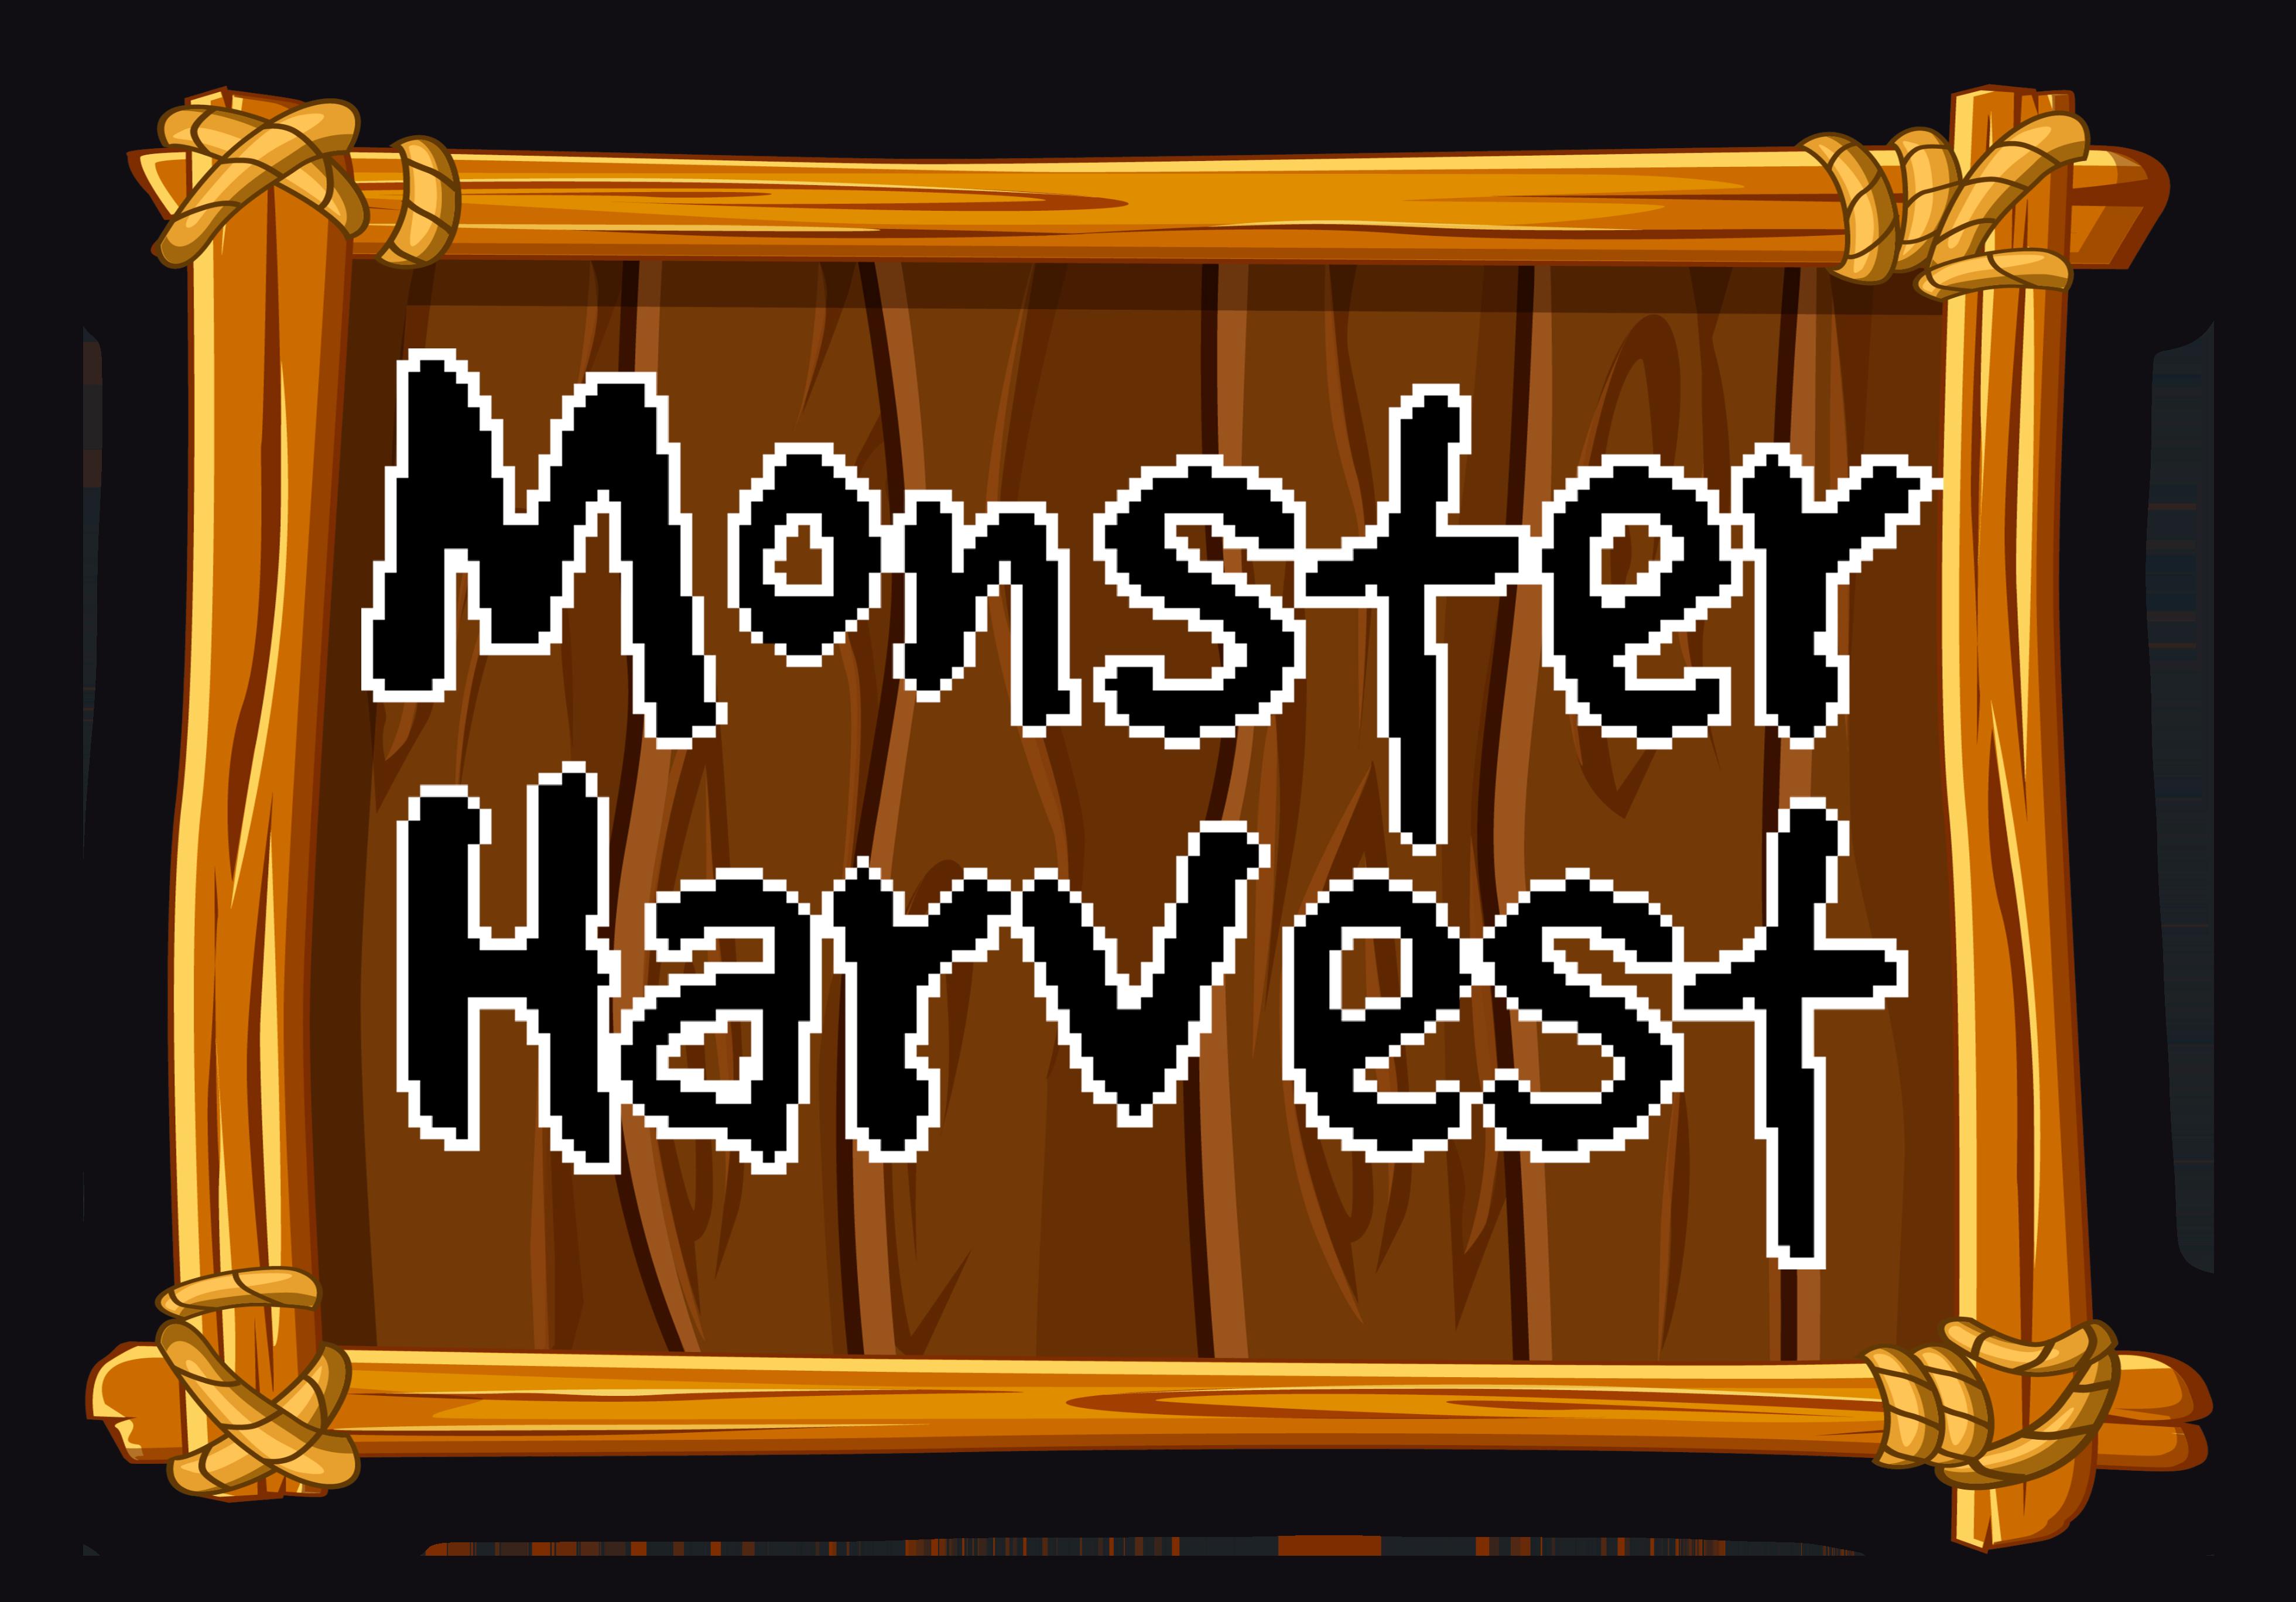 Monster-Harvest_2020_08-28-20_009